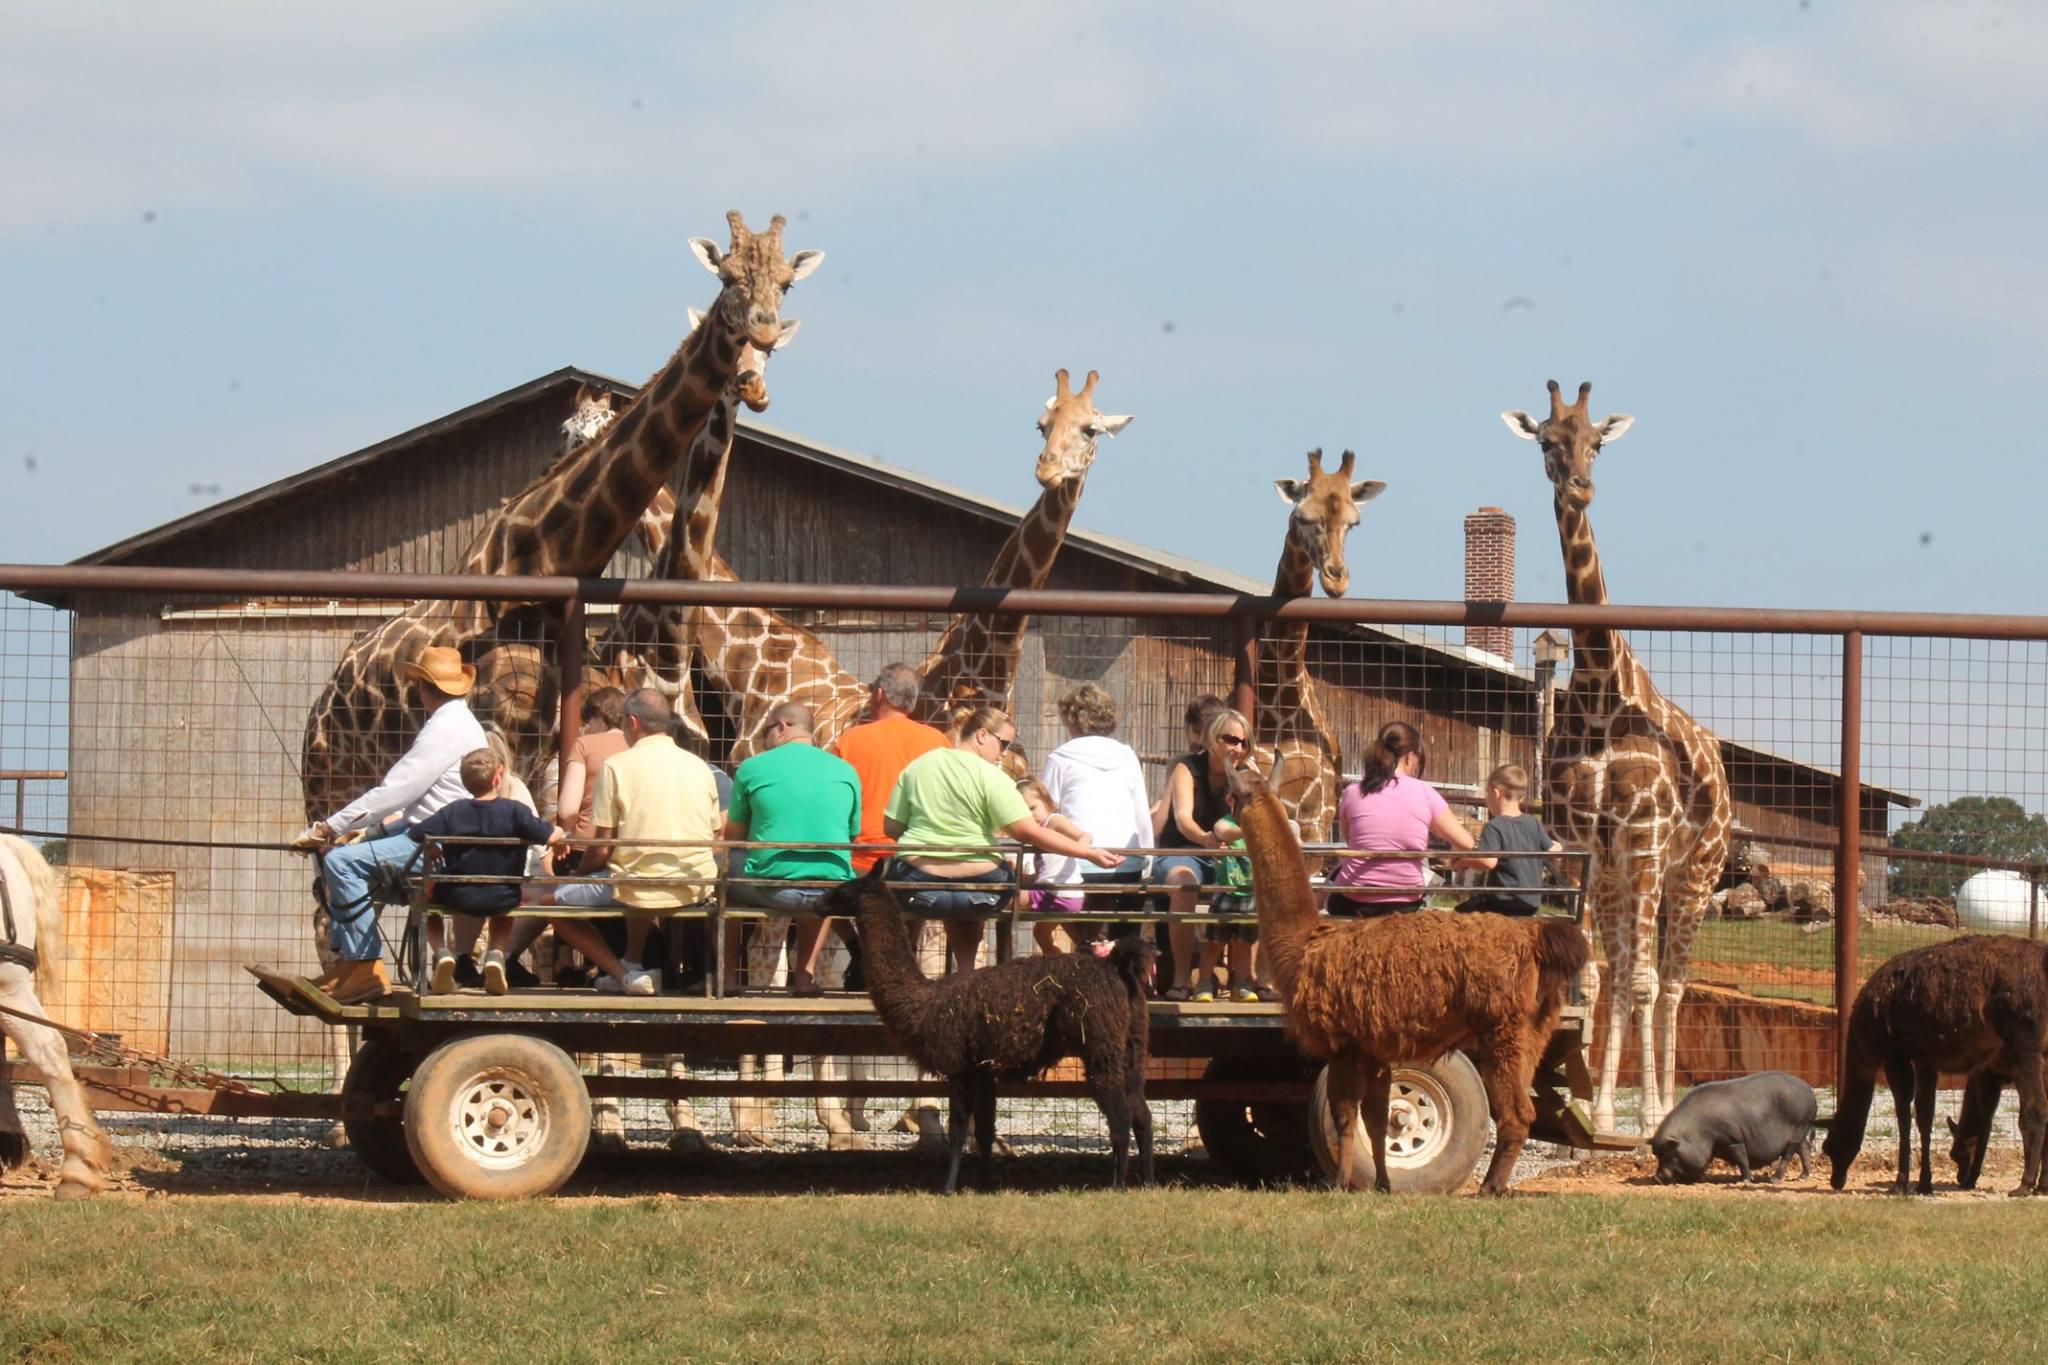 Lazy 5 Ranch Exotic Animal Safari In North Carolina Is